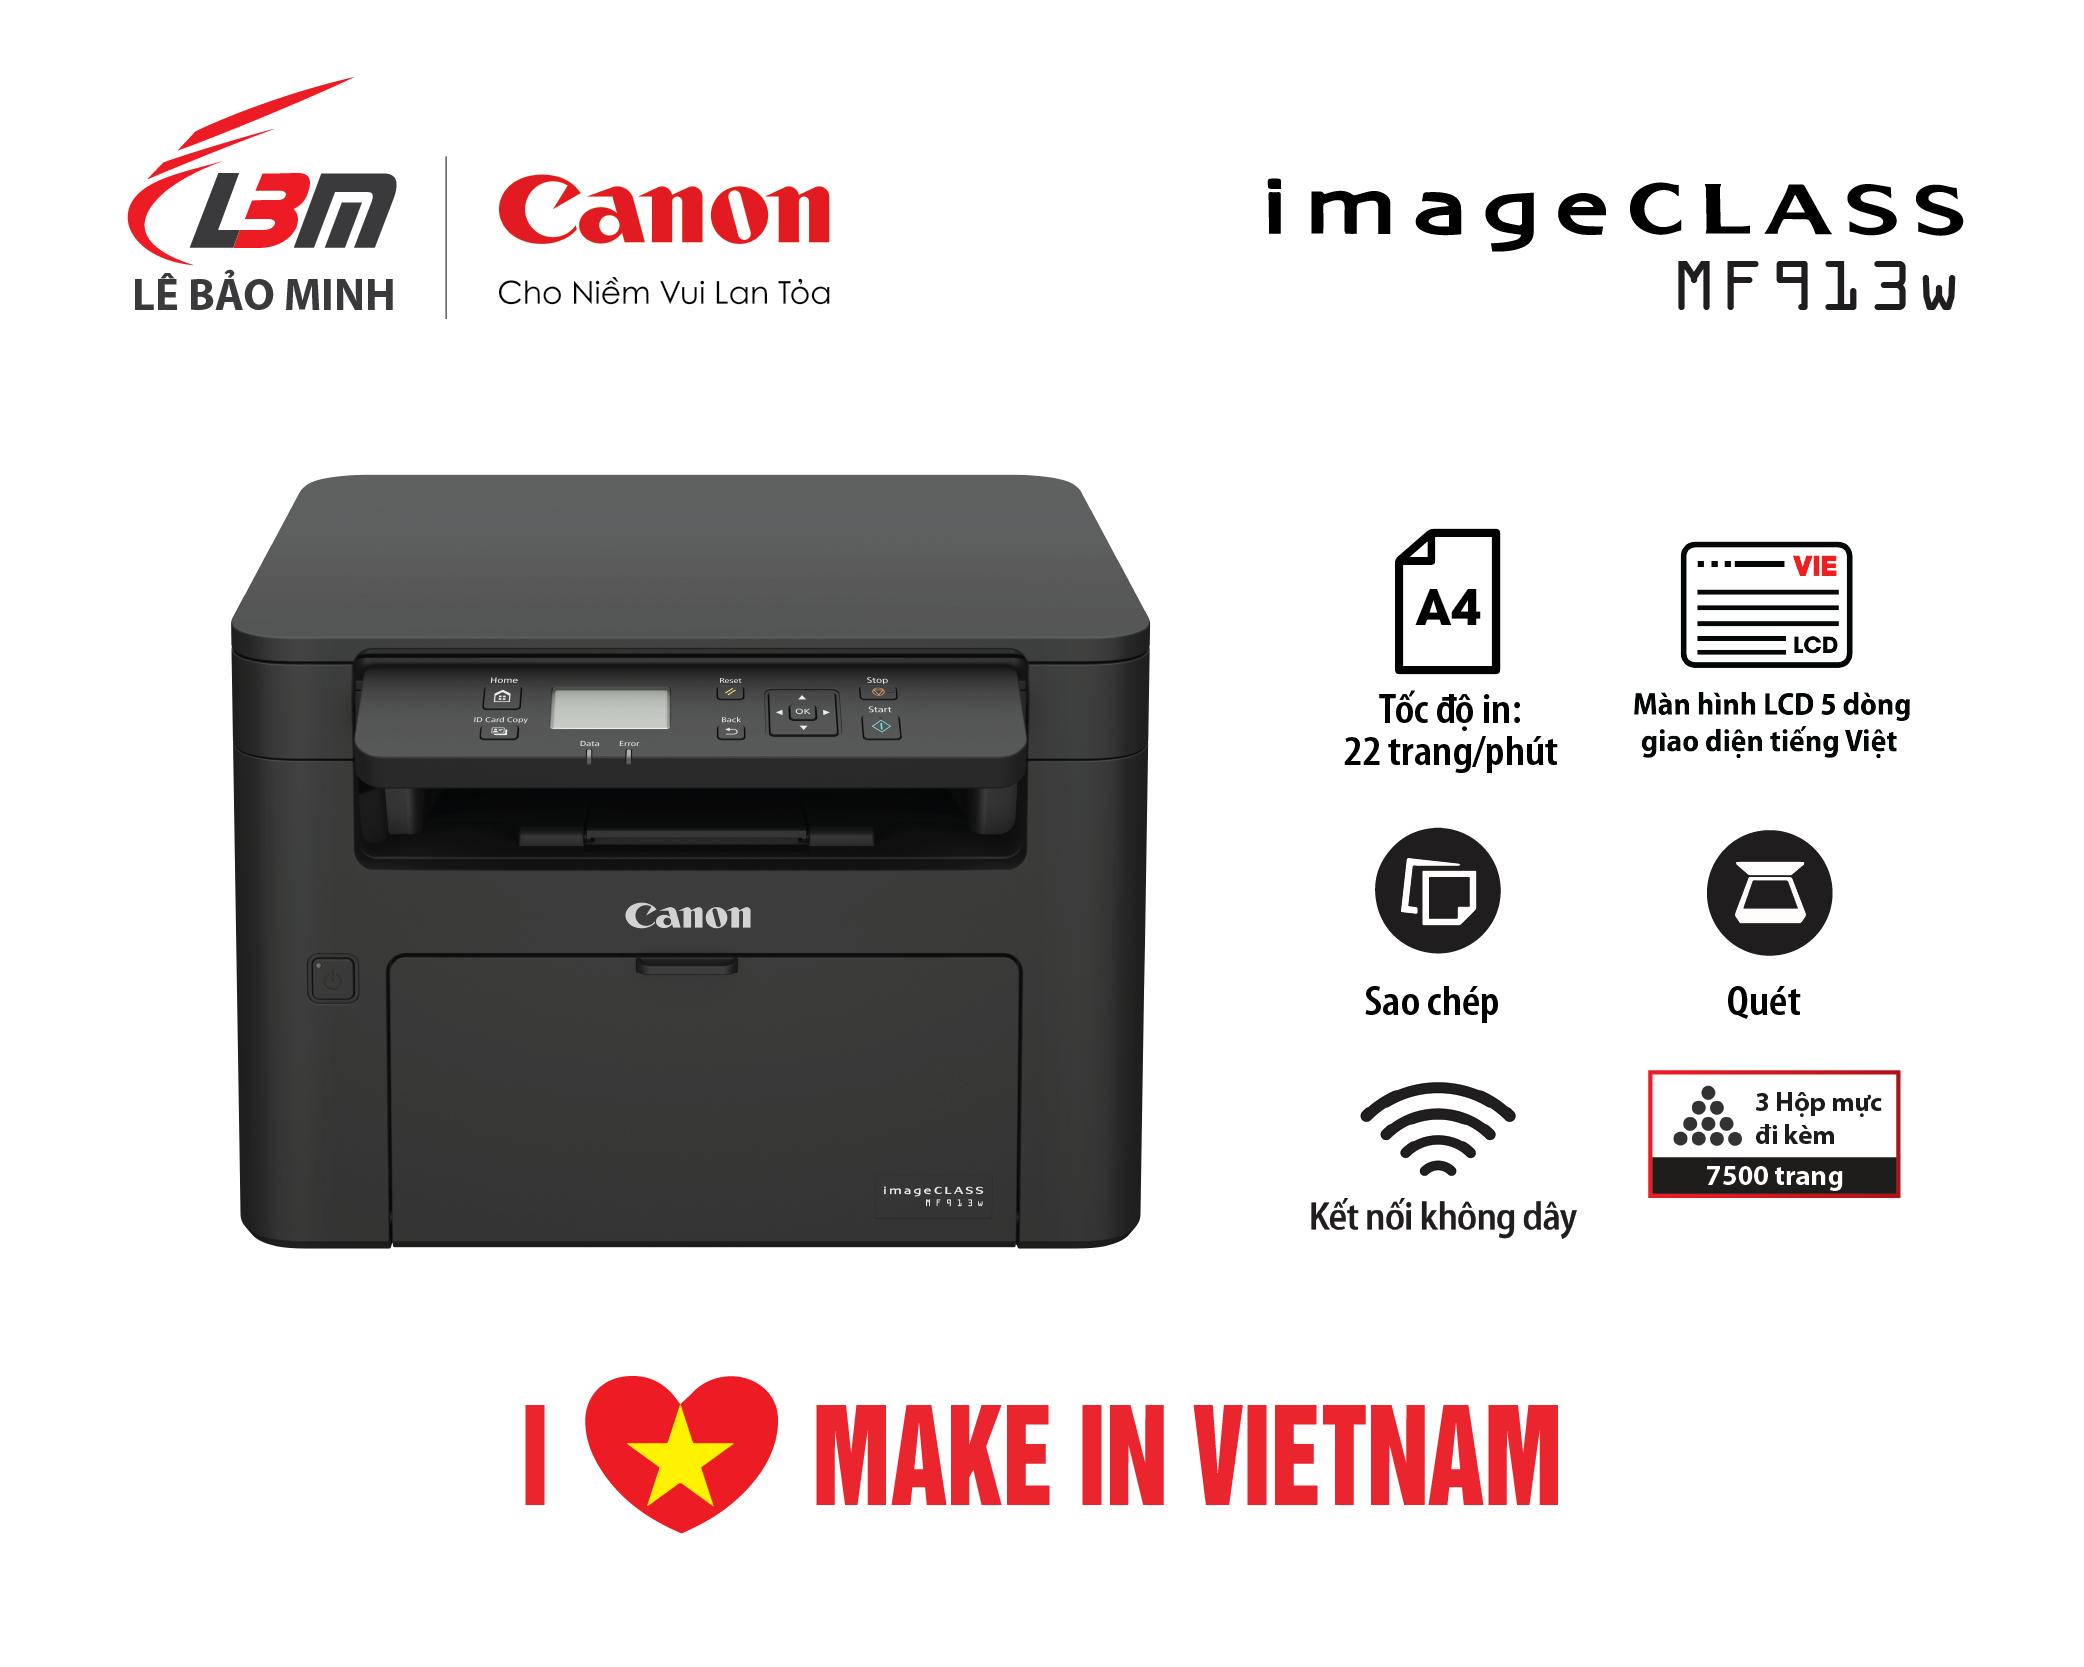 Máy in đa năng Canon MF913w